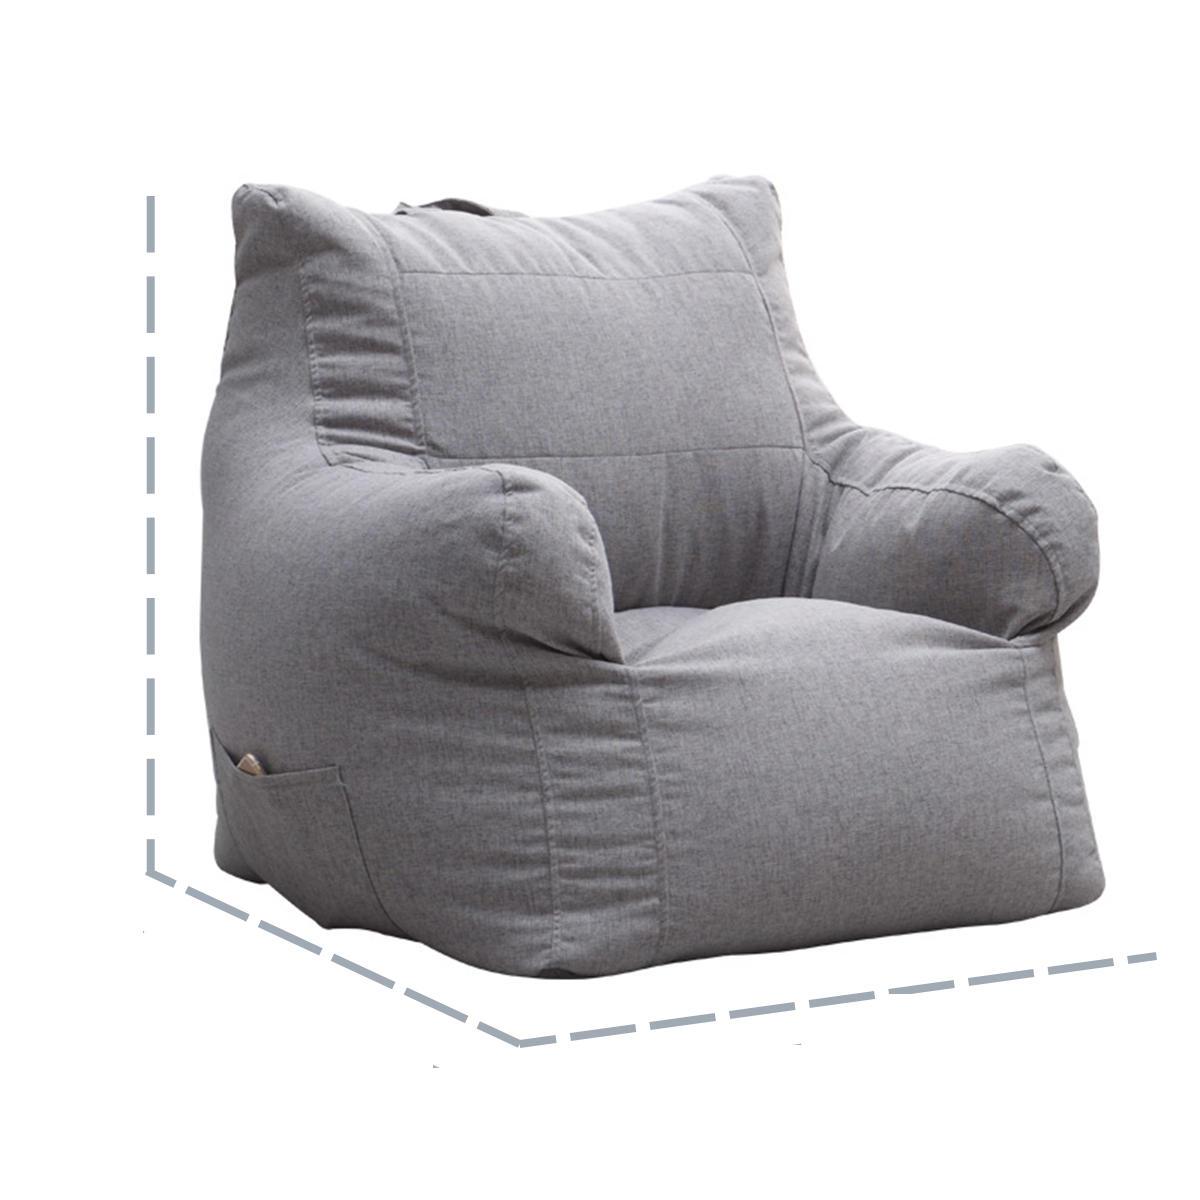 Full Size of Sitzsack Sofa Sessel Multicolor Mit Schlaffunktion U Form Englisches Elektrischer Sitztiefenverstellung Natura Kolonialstil Schillig Xxl Grau Canape Home Sofa Sitzsack Sofa